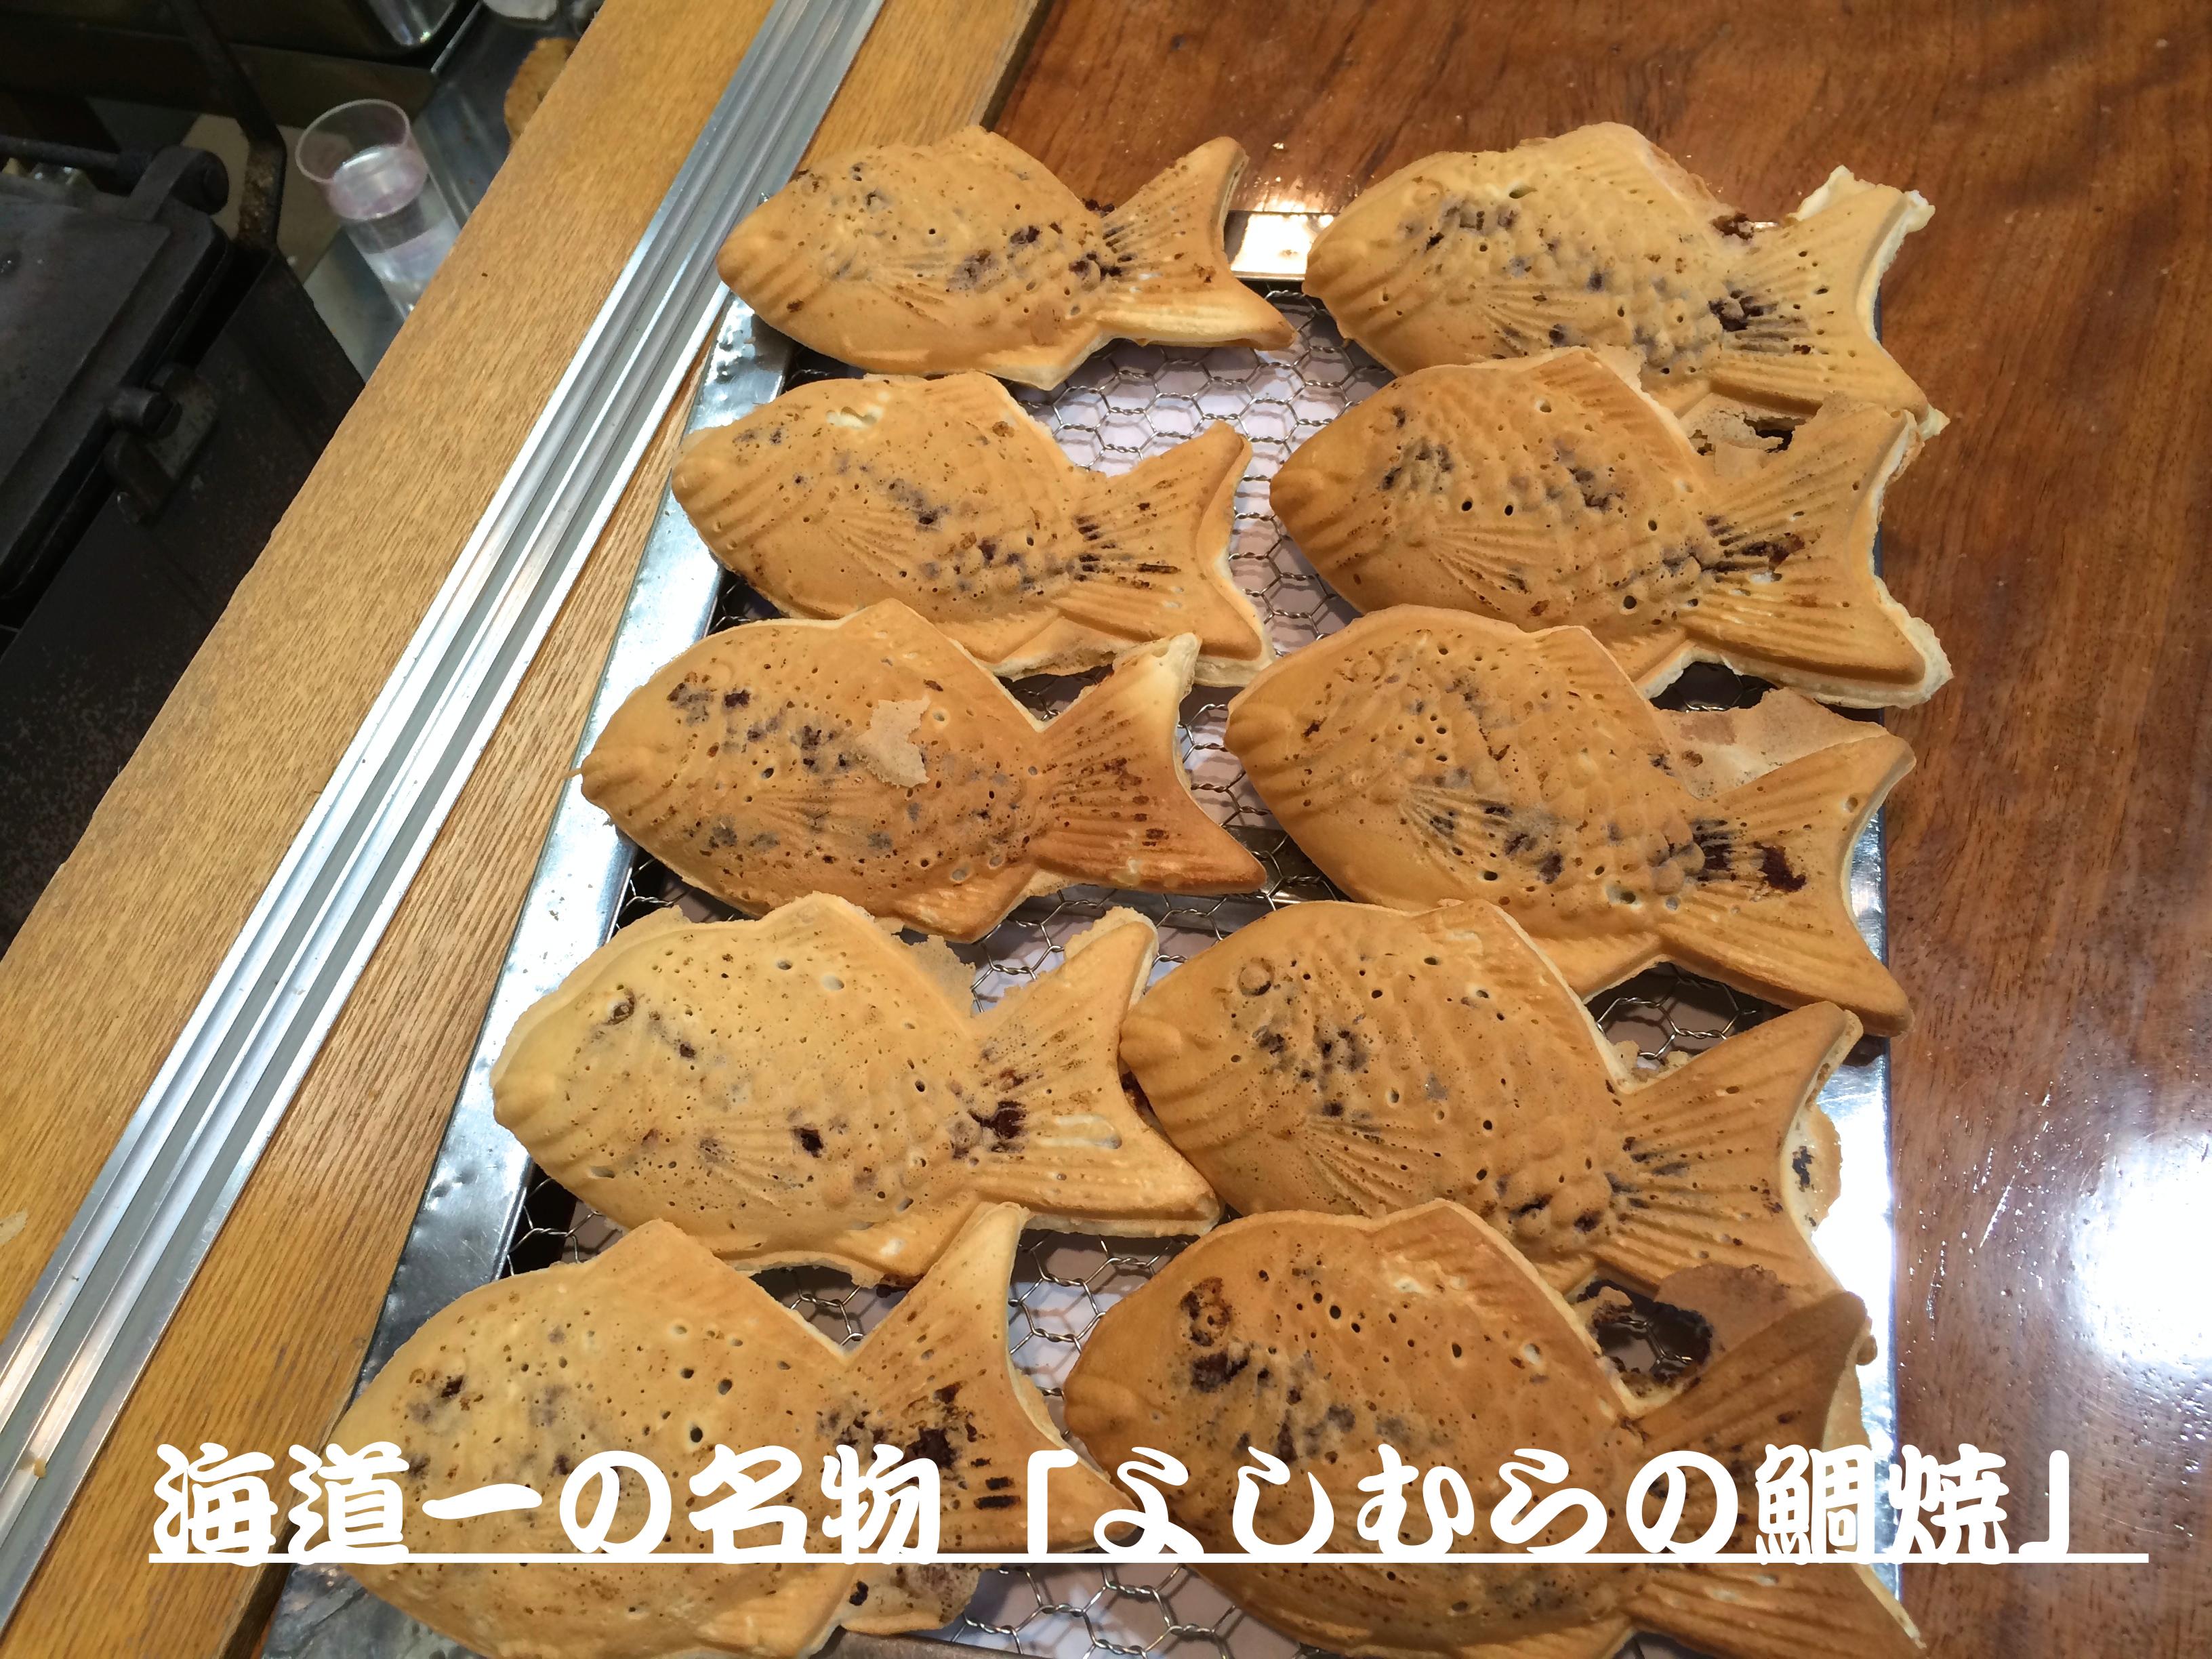 静岡県島田市 海道一の名物「よしむらの鯛焼屋」に行って来ました!